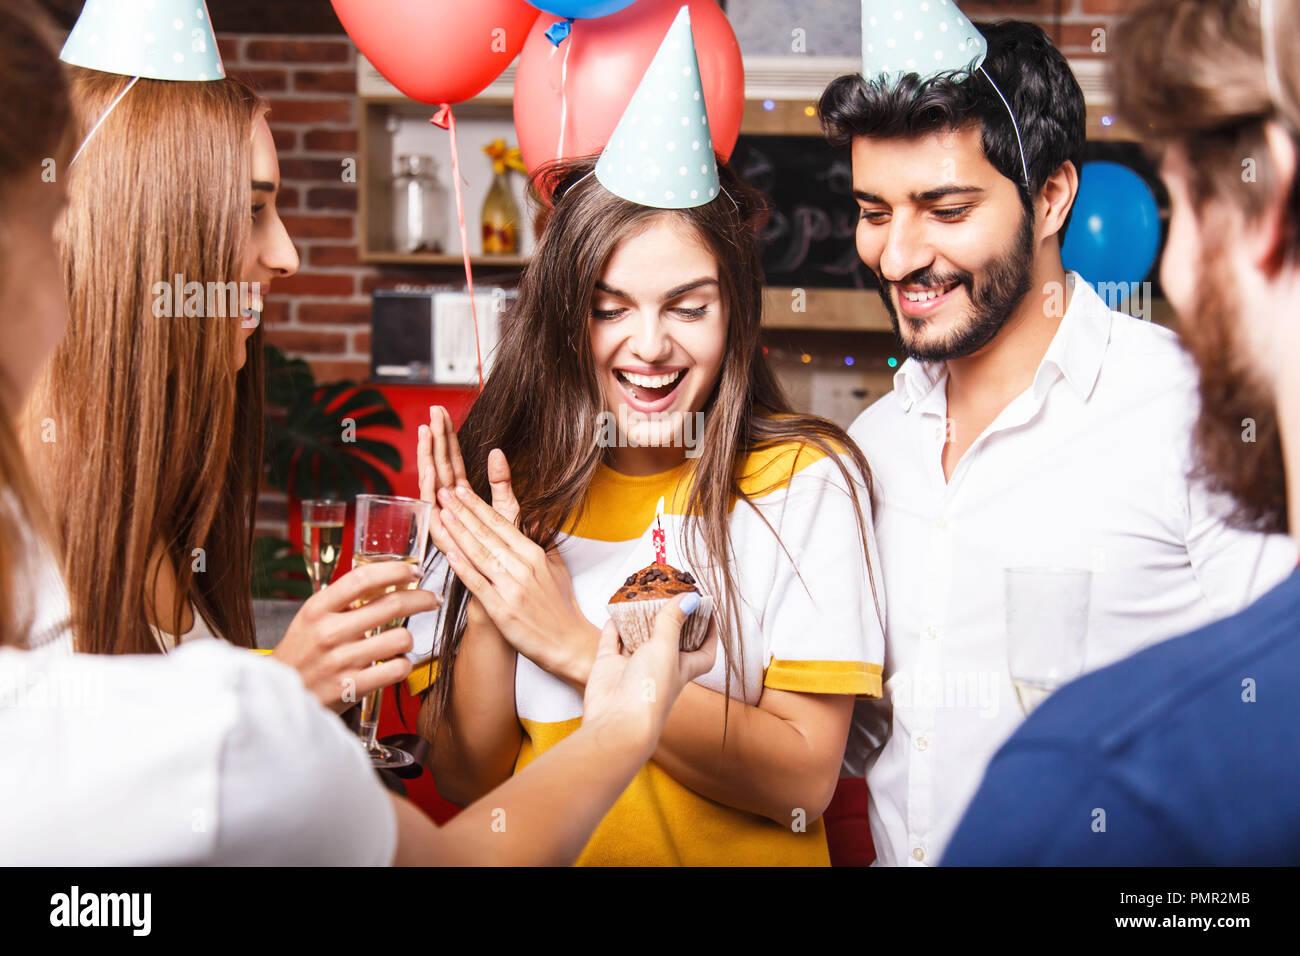 Amigos felicita cumpleaños morena chica con gorro de fiesta con la heladería, ella sorprendido Imagen De Stock